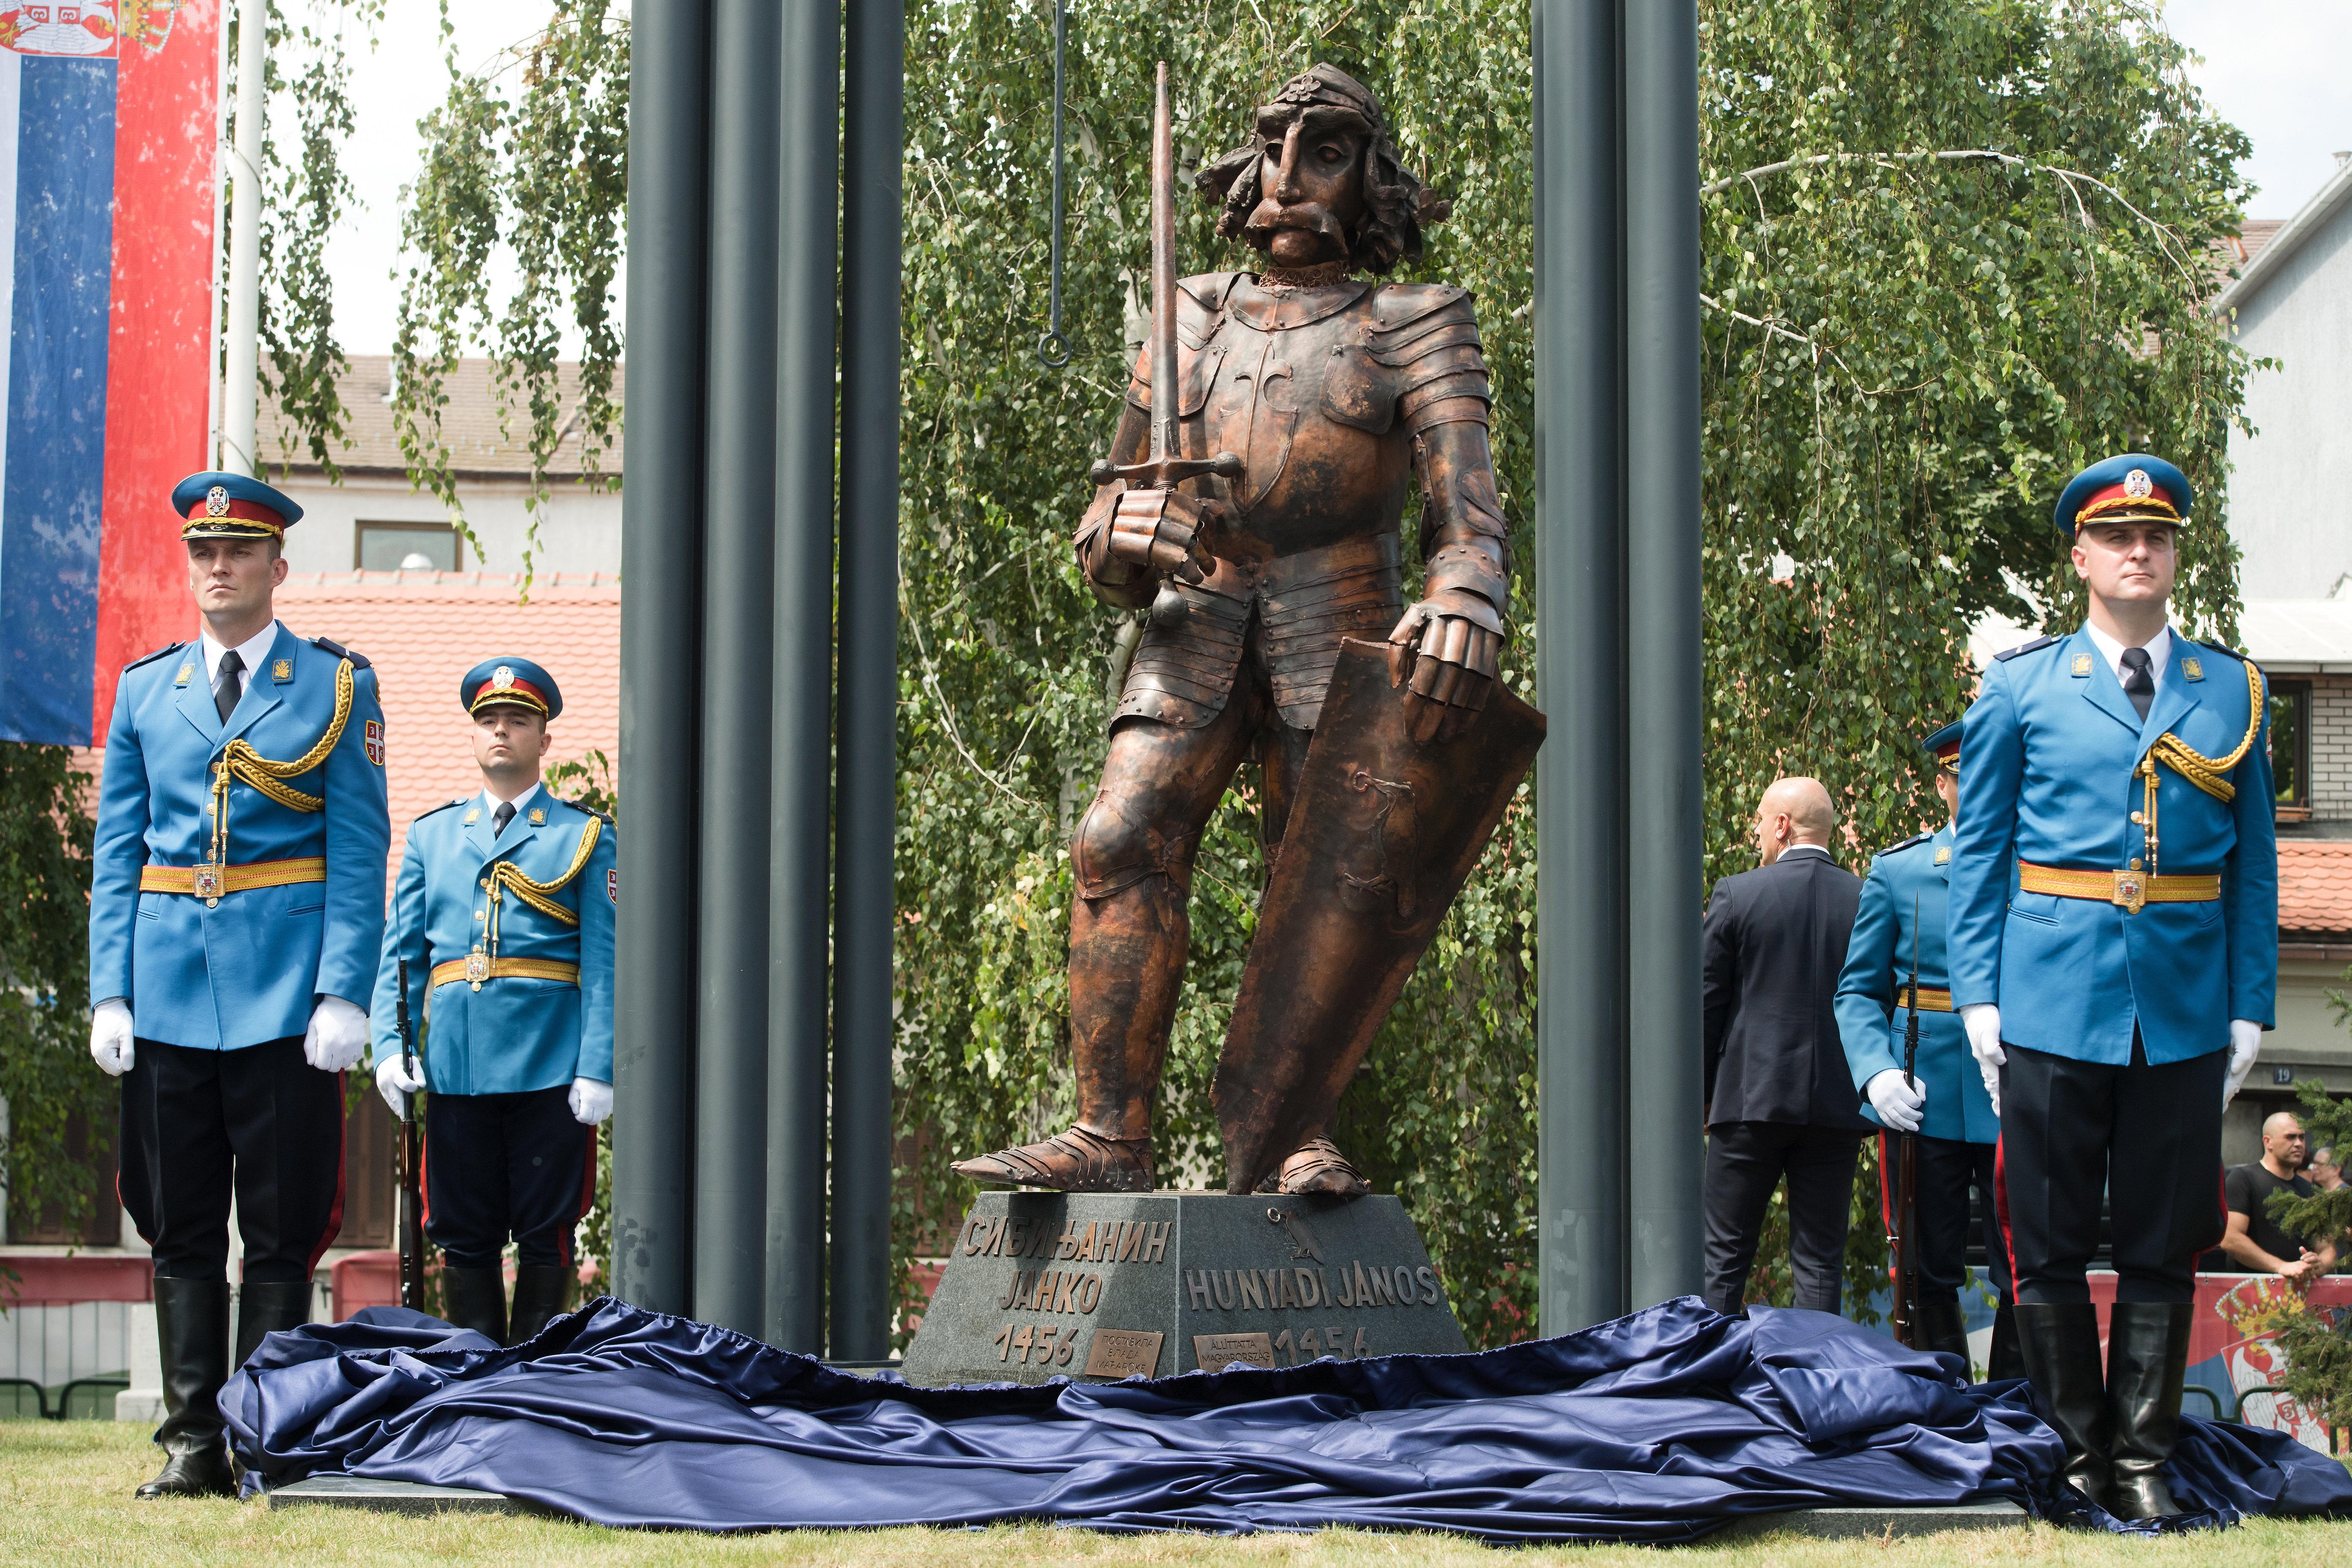 Hunyadi János újonnan felavatott szobra a Belgrádhoz tartozó Zimonyban 2019. július 22-én. (MTI/Koszticsák Szilárd)